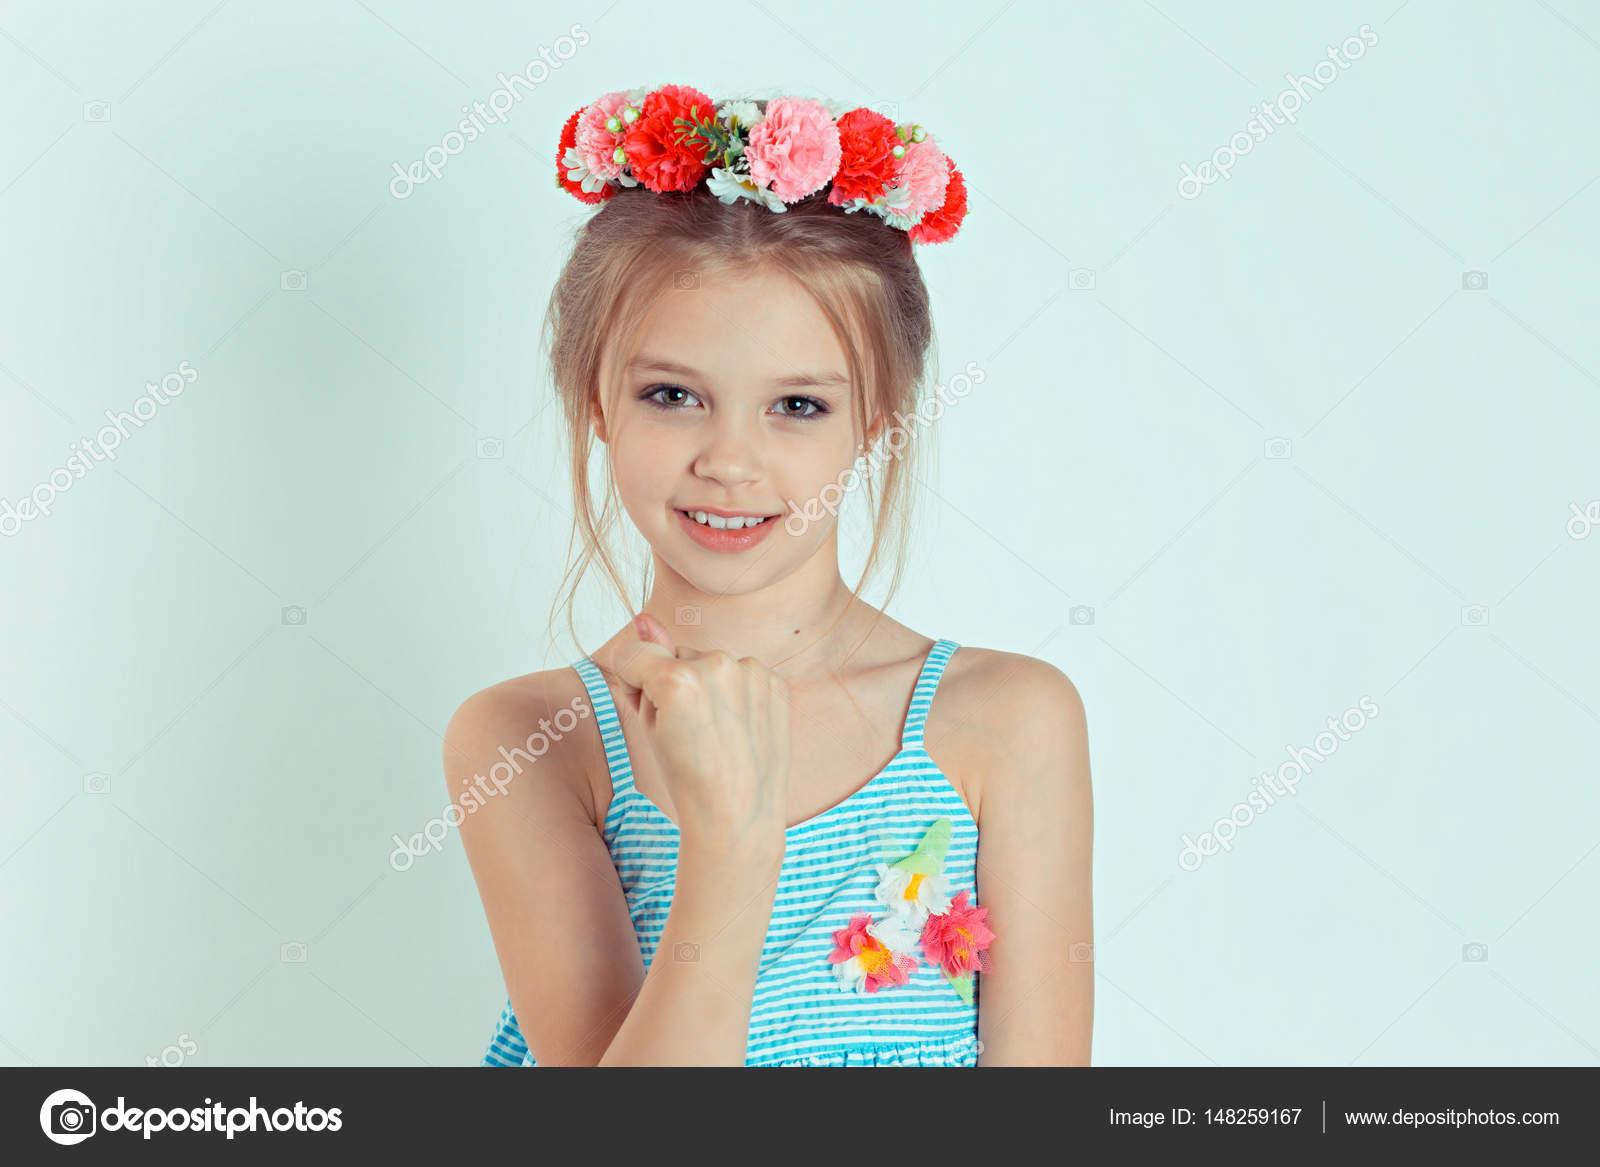 Adolescenti figa close up pics